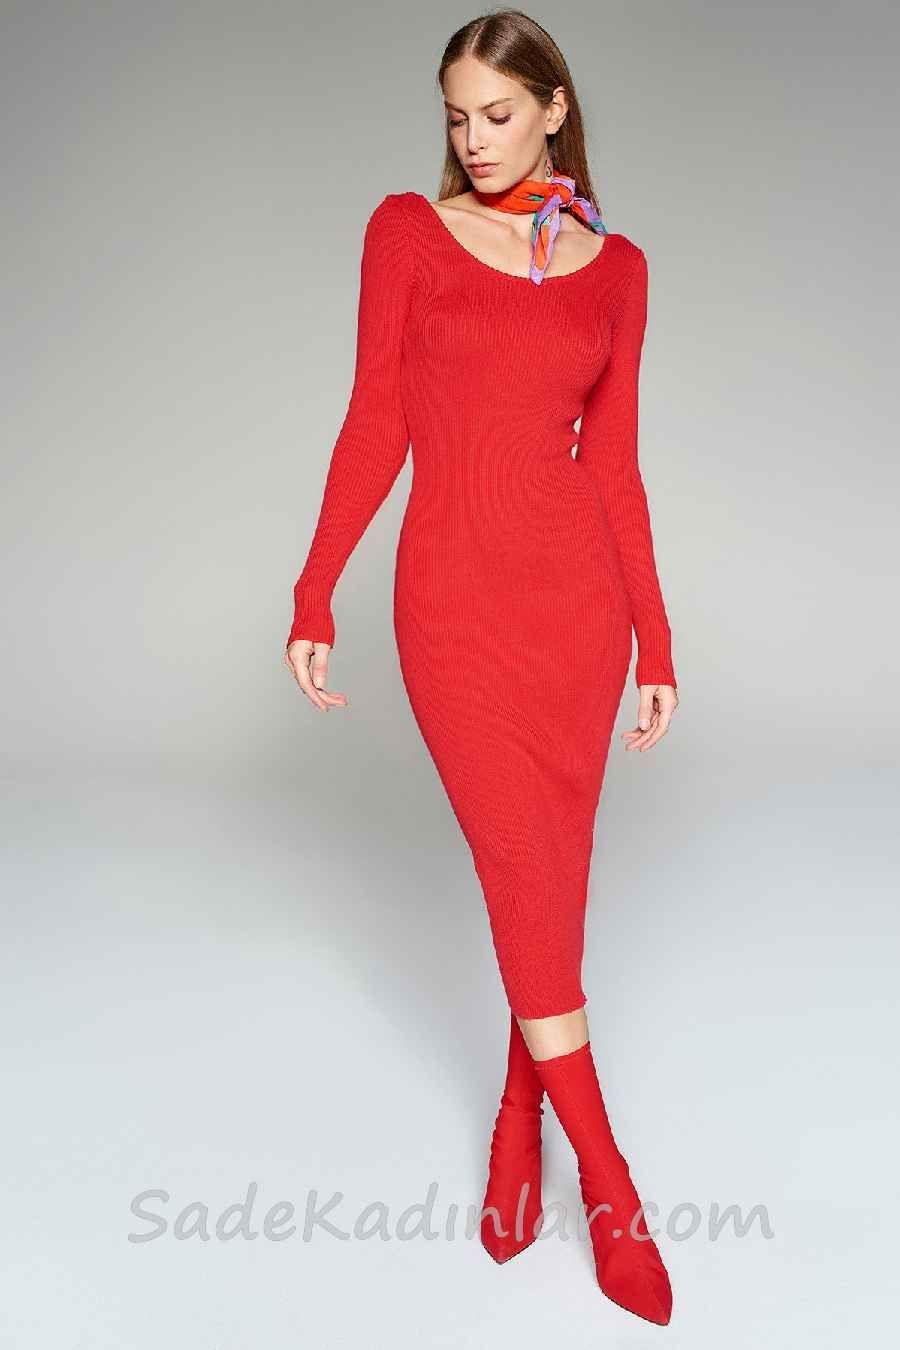 2021 Kislik Elbise Kombinleri Kirmizi Uzun Genis Yuvarlak Yaka Uzun Kollu Elbise Kazak Elbise Elbise Modelleri